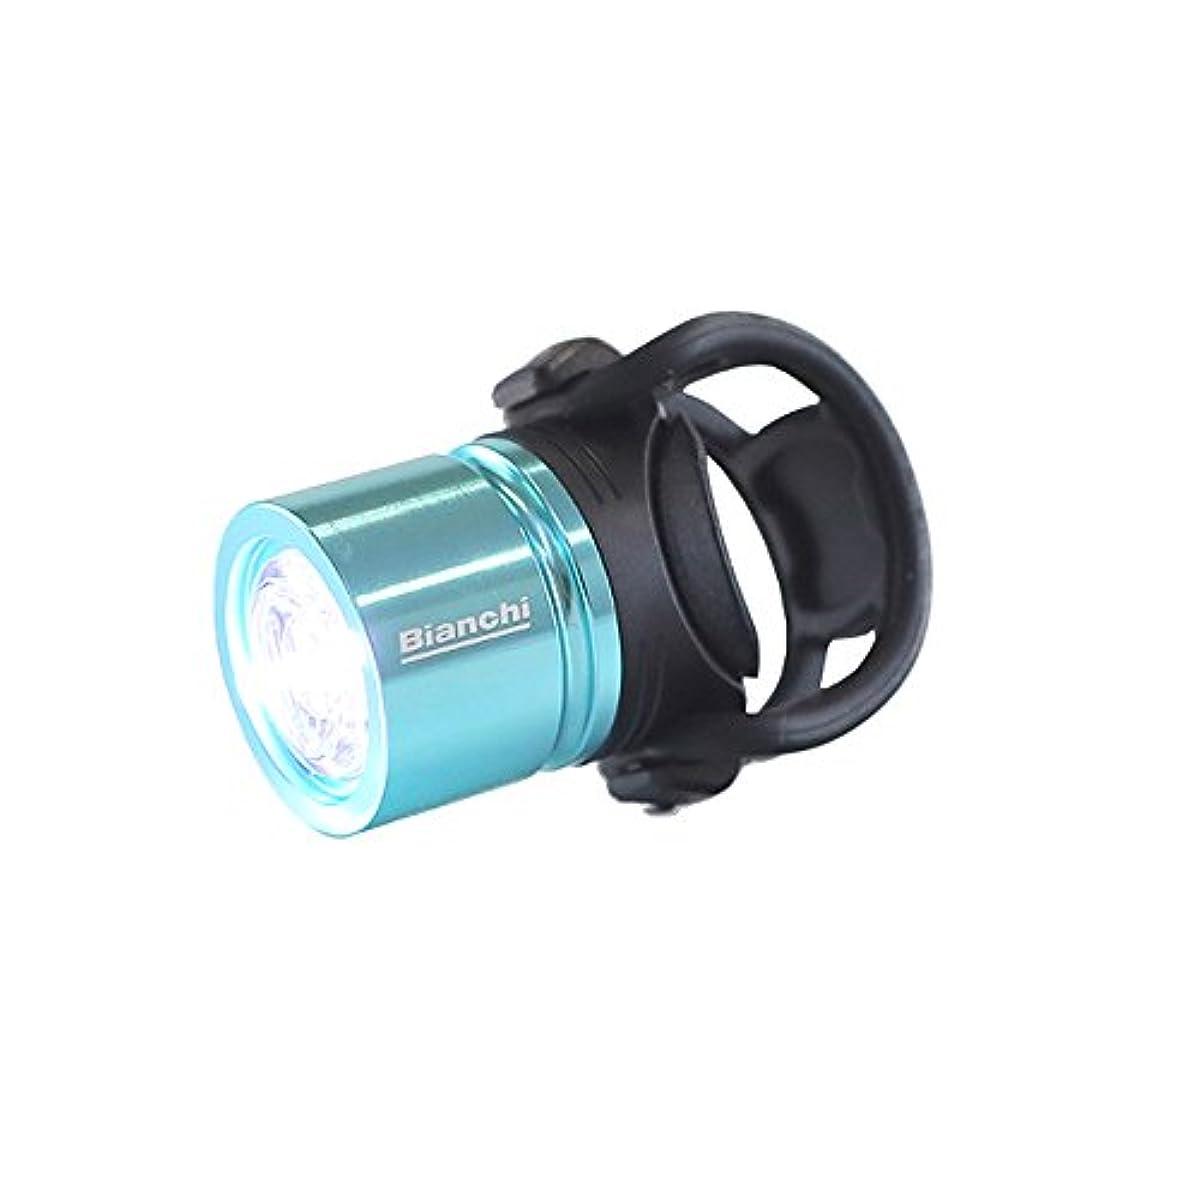 [해외] 비앙키 USB 컴팩트 프론트 라이트 B JPP0201101CK000